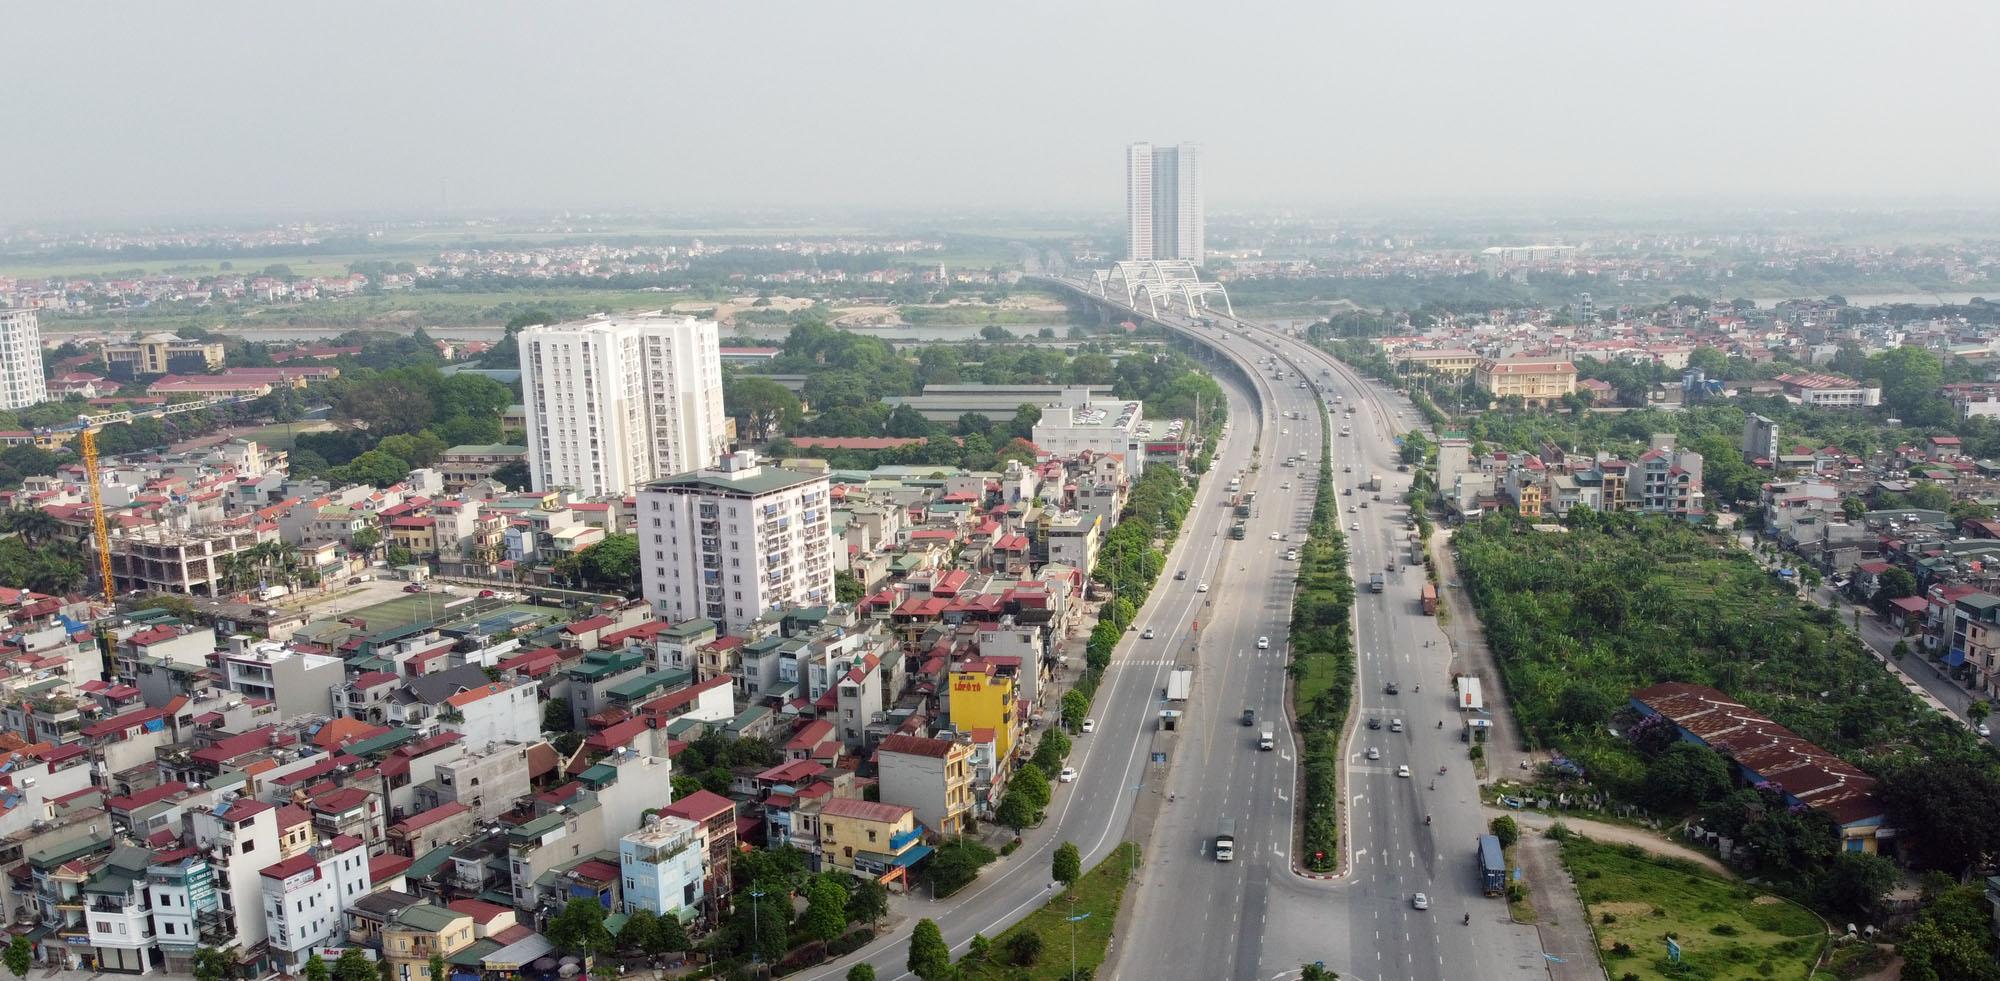 Dự án Eurowindow River Park đang mở bán: Cửa ngõ Đông Bắc Hà Nội, view hai sông lớn - Ảnh 7.